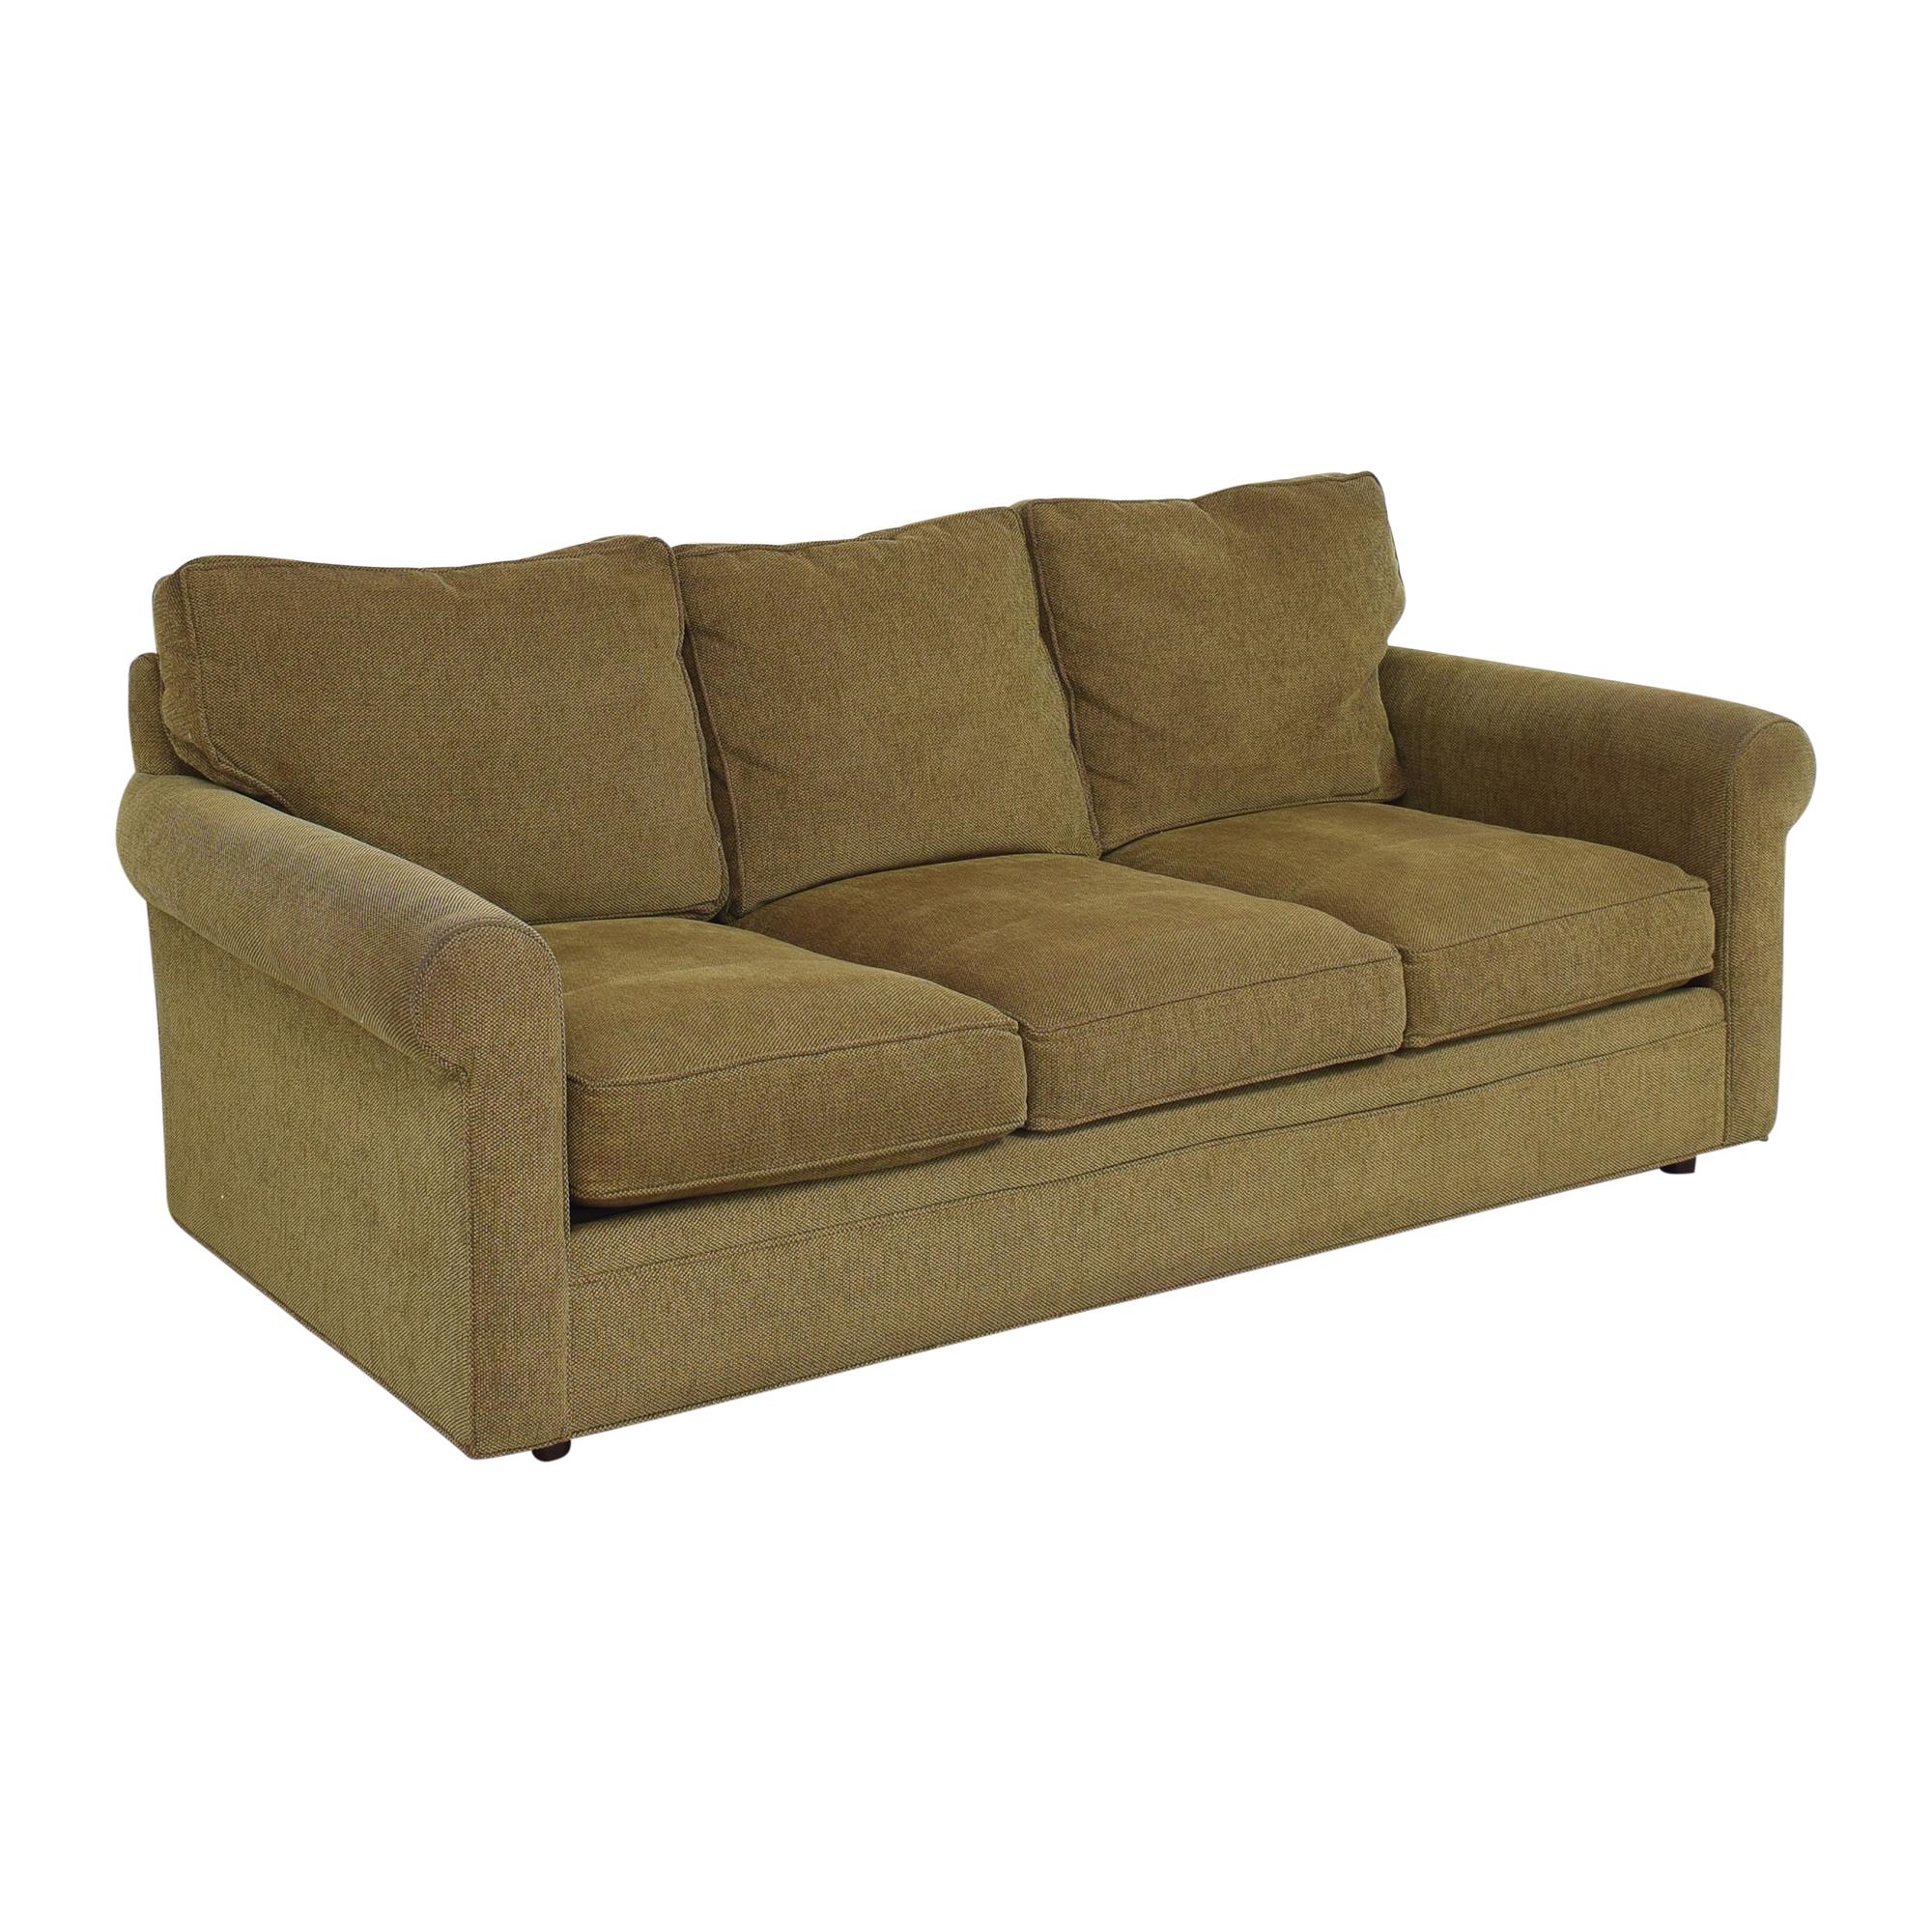 shop Crate & Barrel Crate & Barrel Three Cushion Sofa online